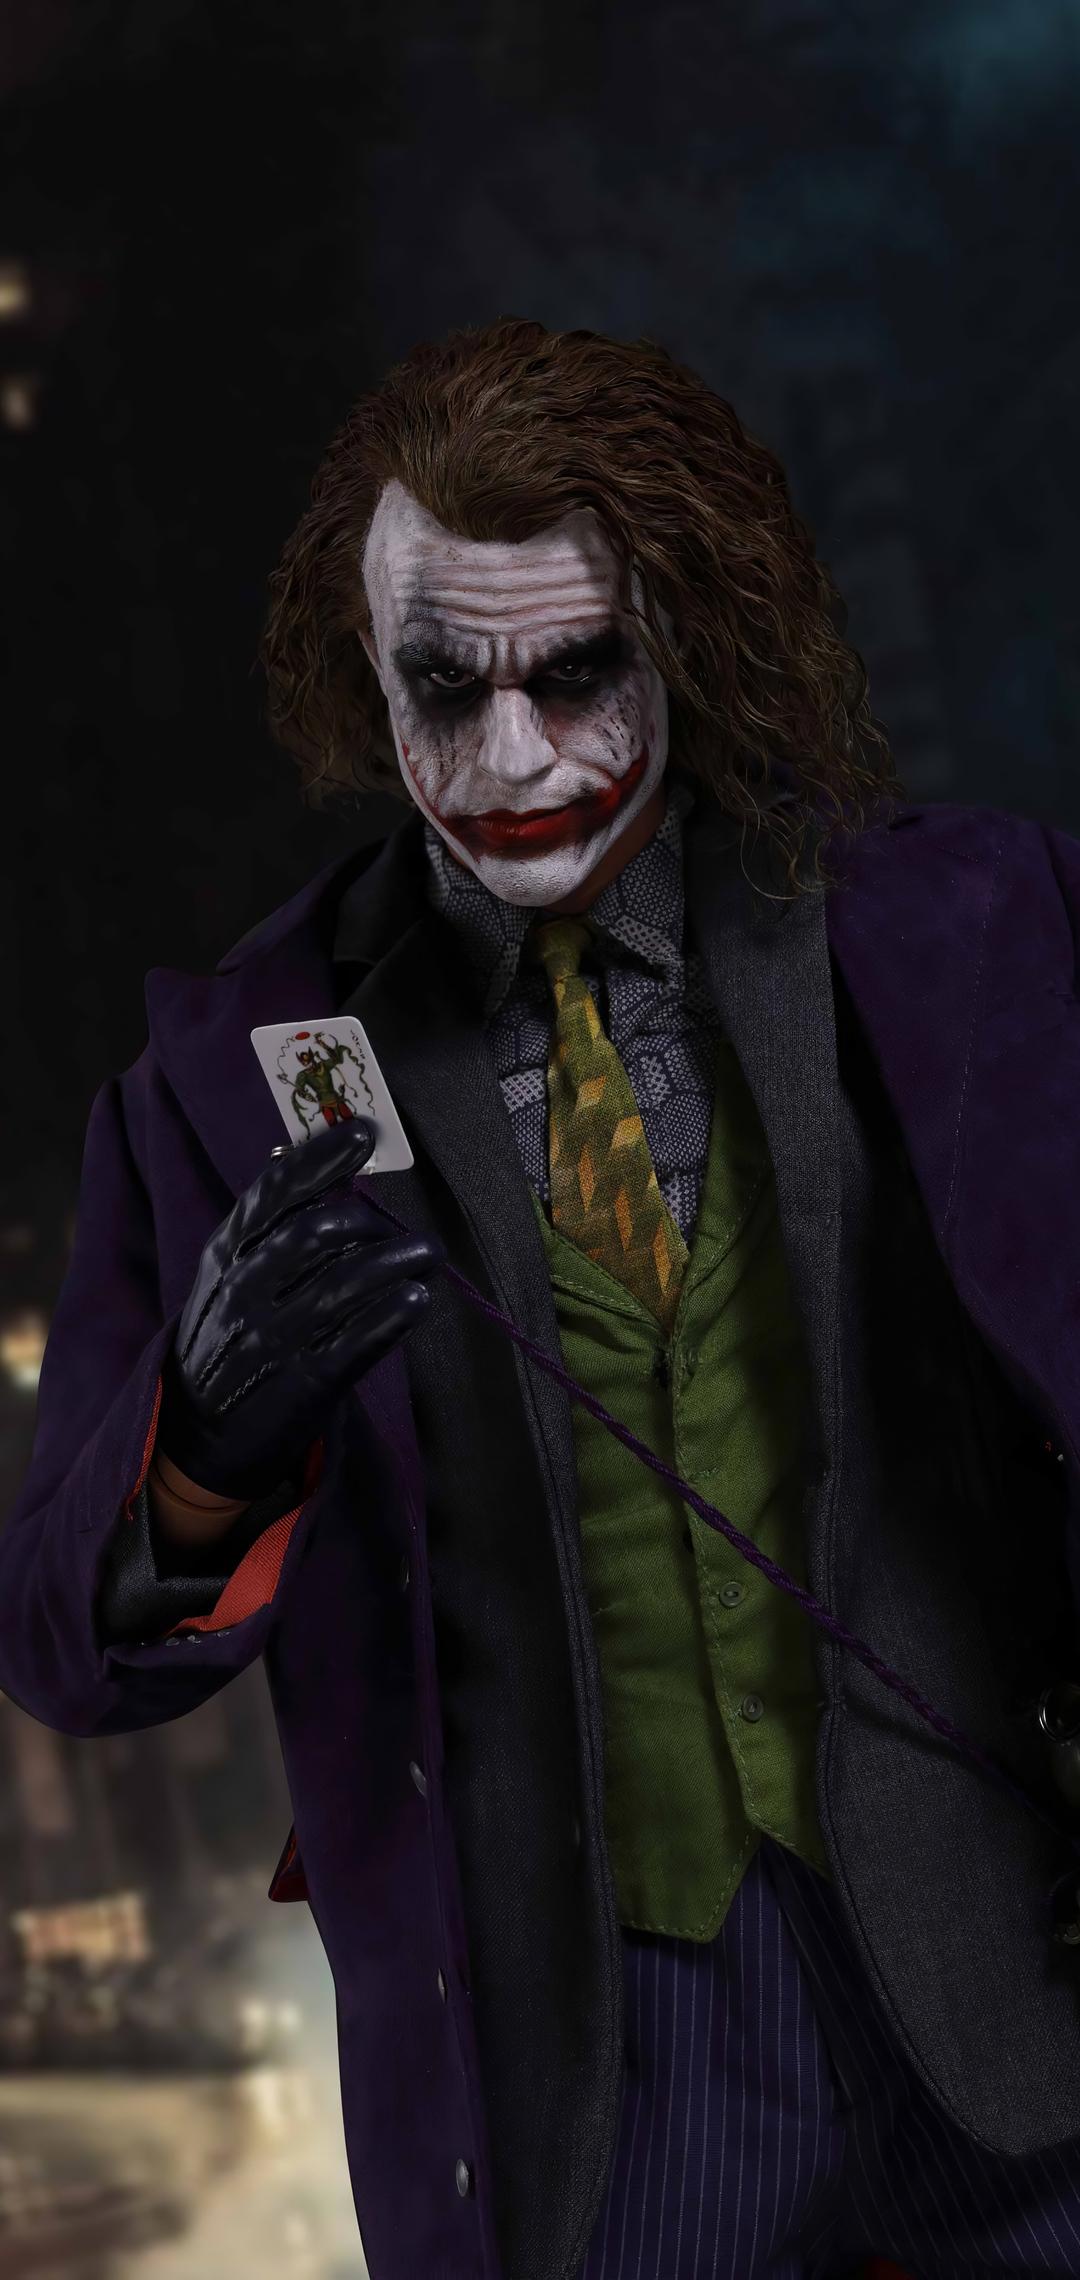 Top 250 Joker Wallpapers  4k + HD